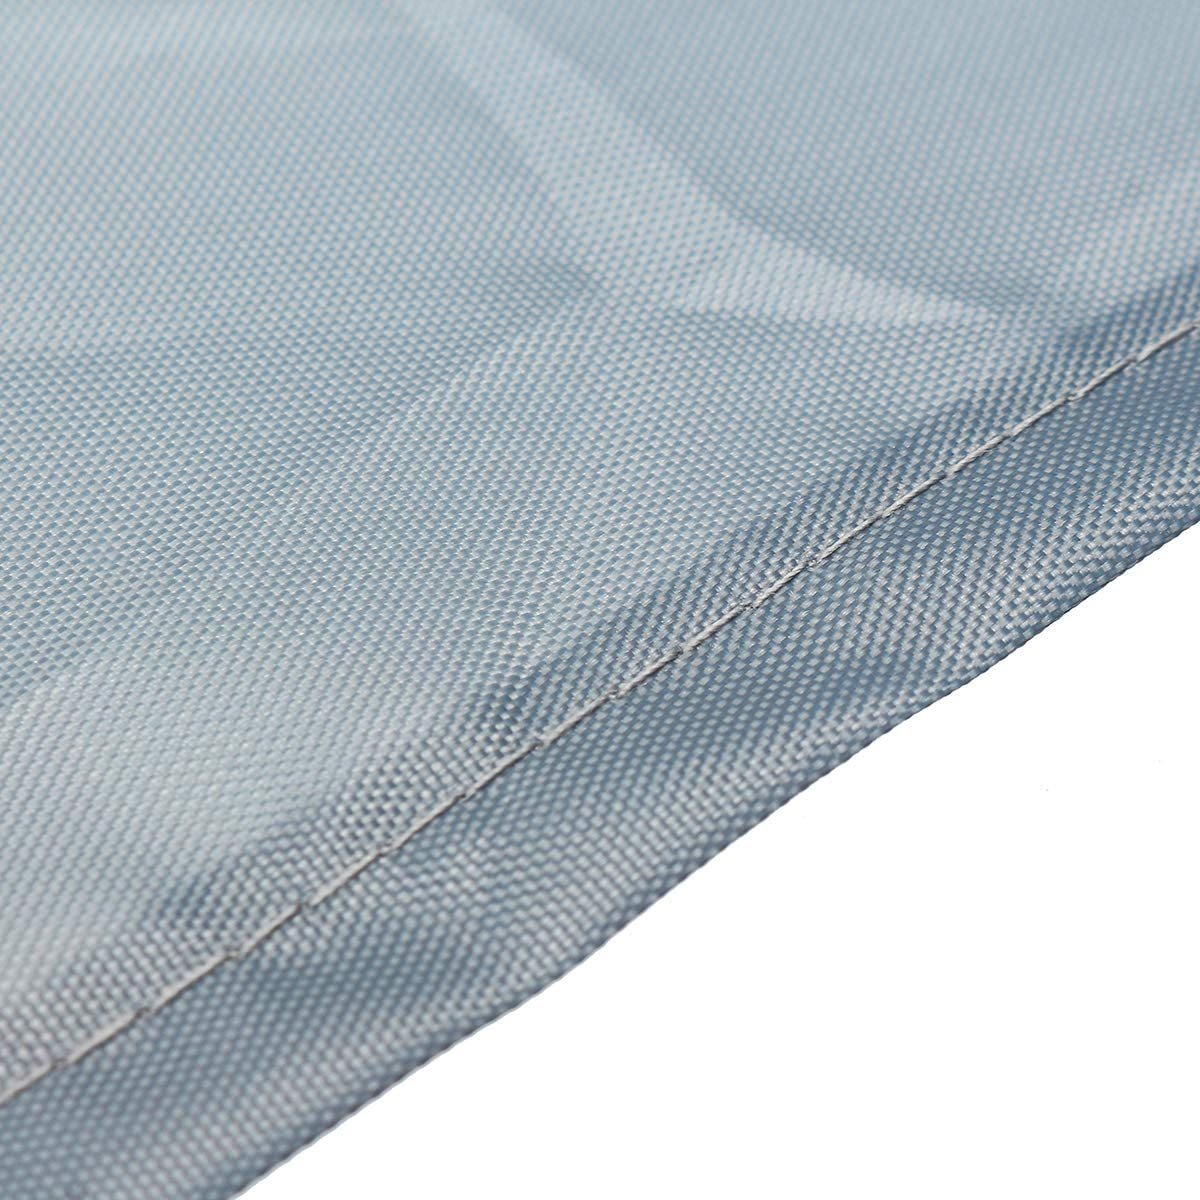 DDanke Housse de protection anti-poussi/ère pour auvent de terrasse Gris 2m